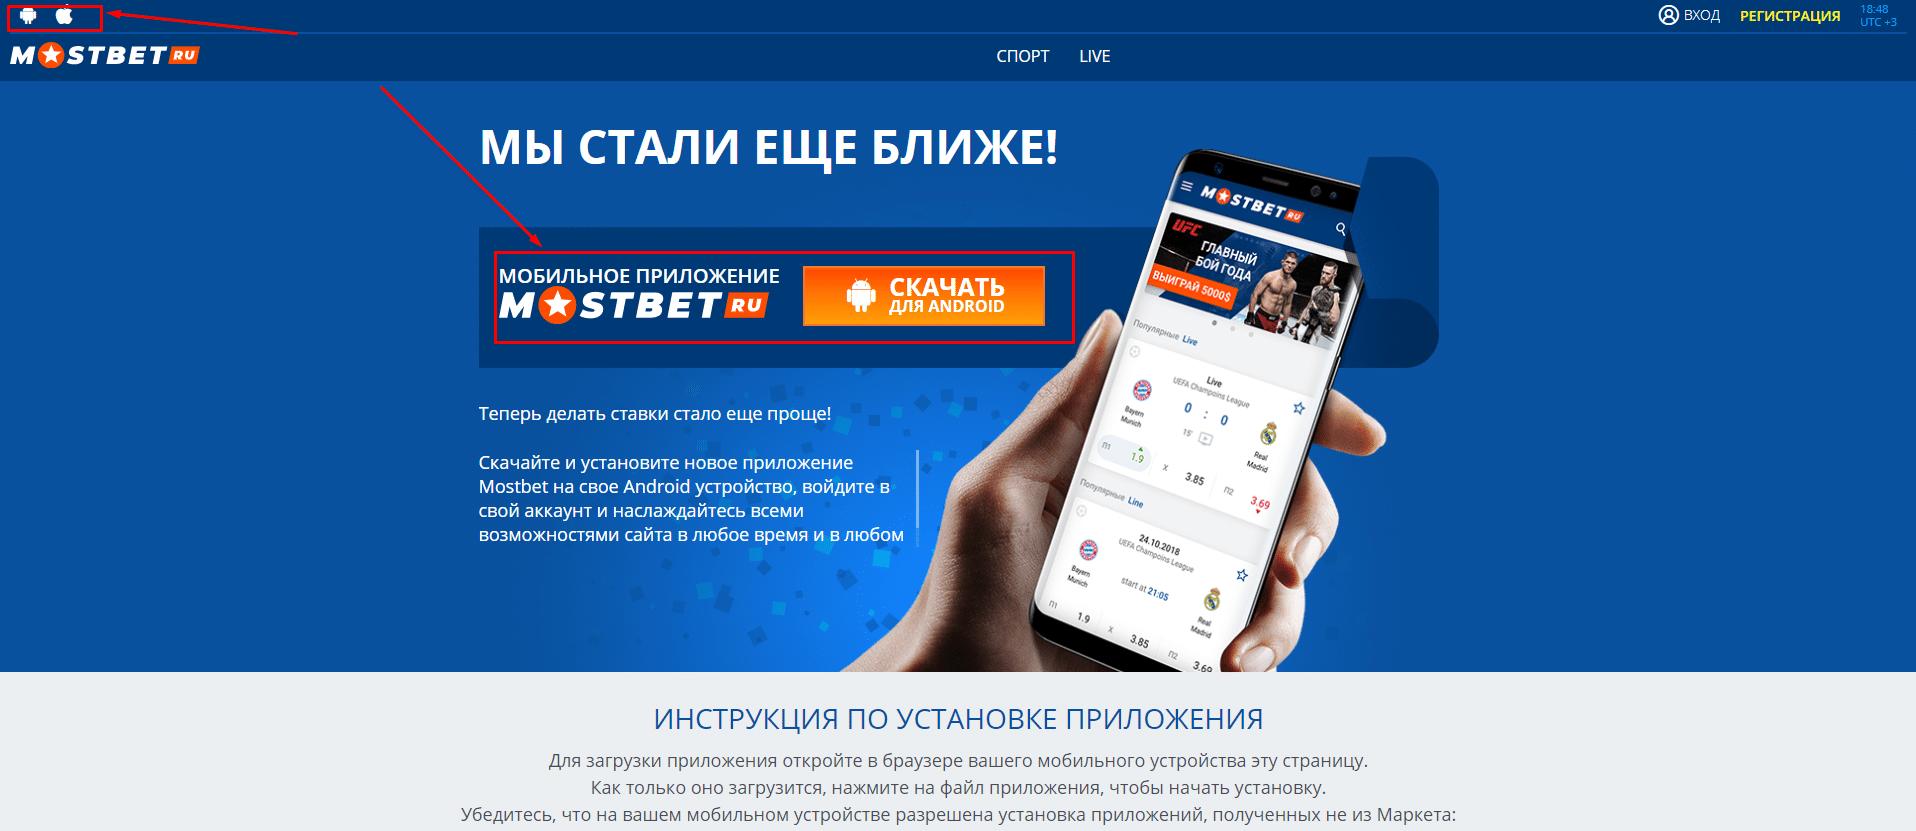 Мостбет букмекерская контора официальный сайт обзор